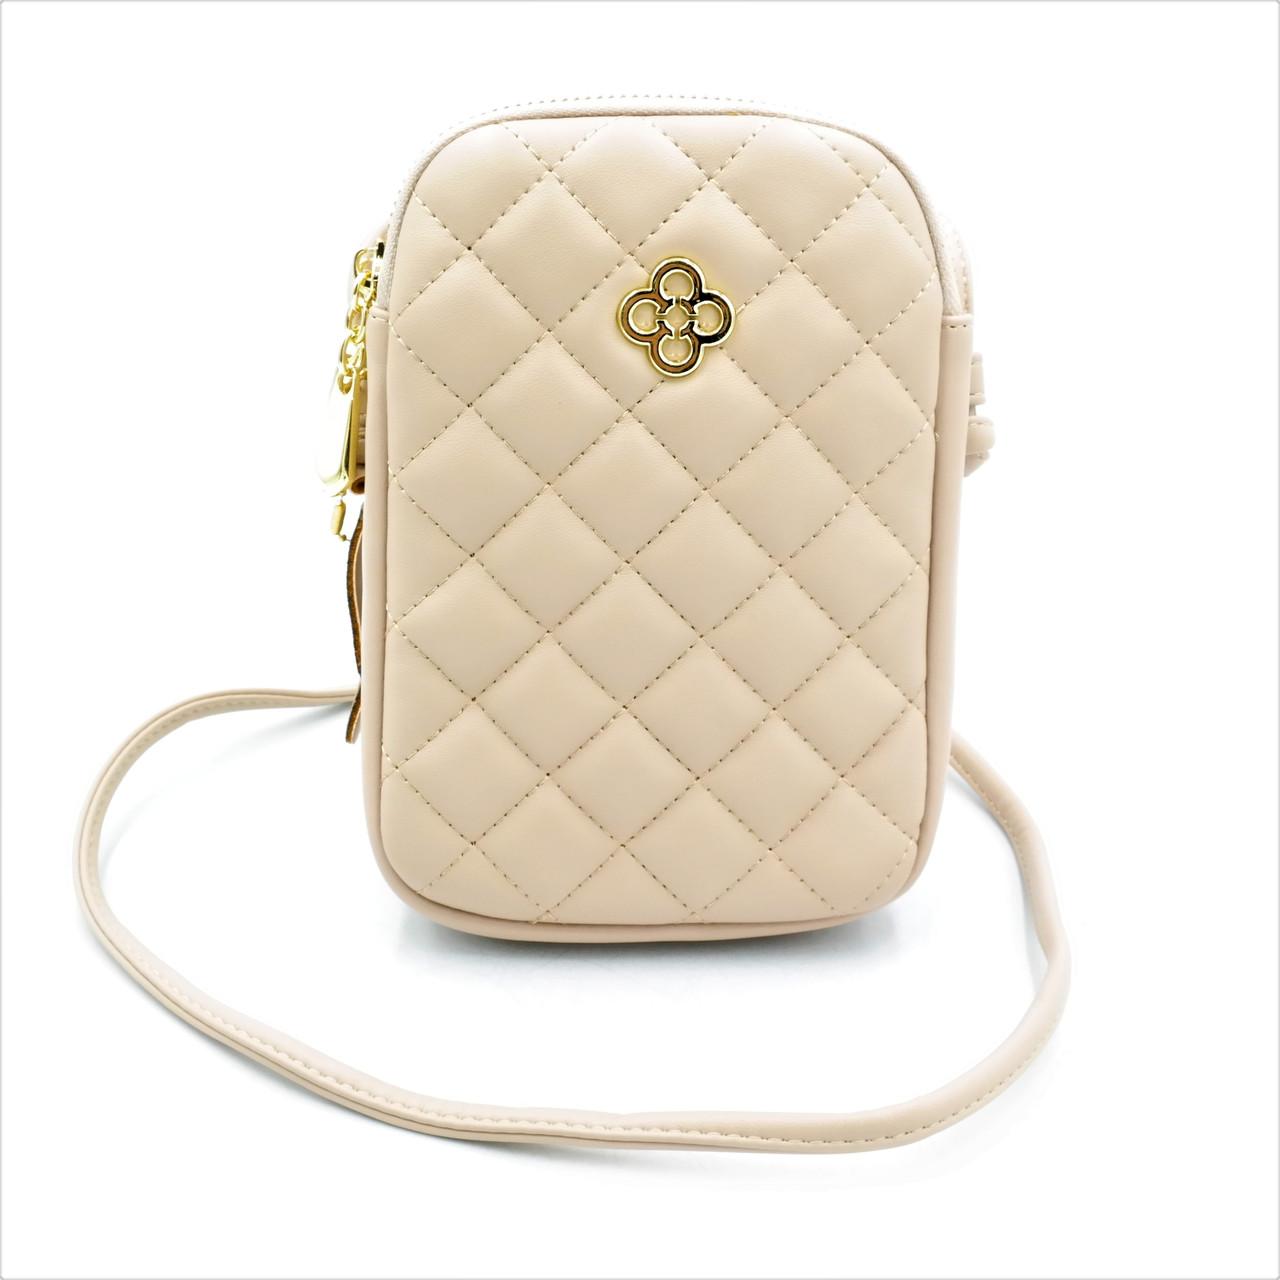 Сумка на плече для дівчини Weatro колір бежевий Оригінальна жіноча сумочка на літо Маленька сумка жіноча